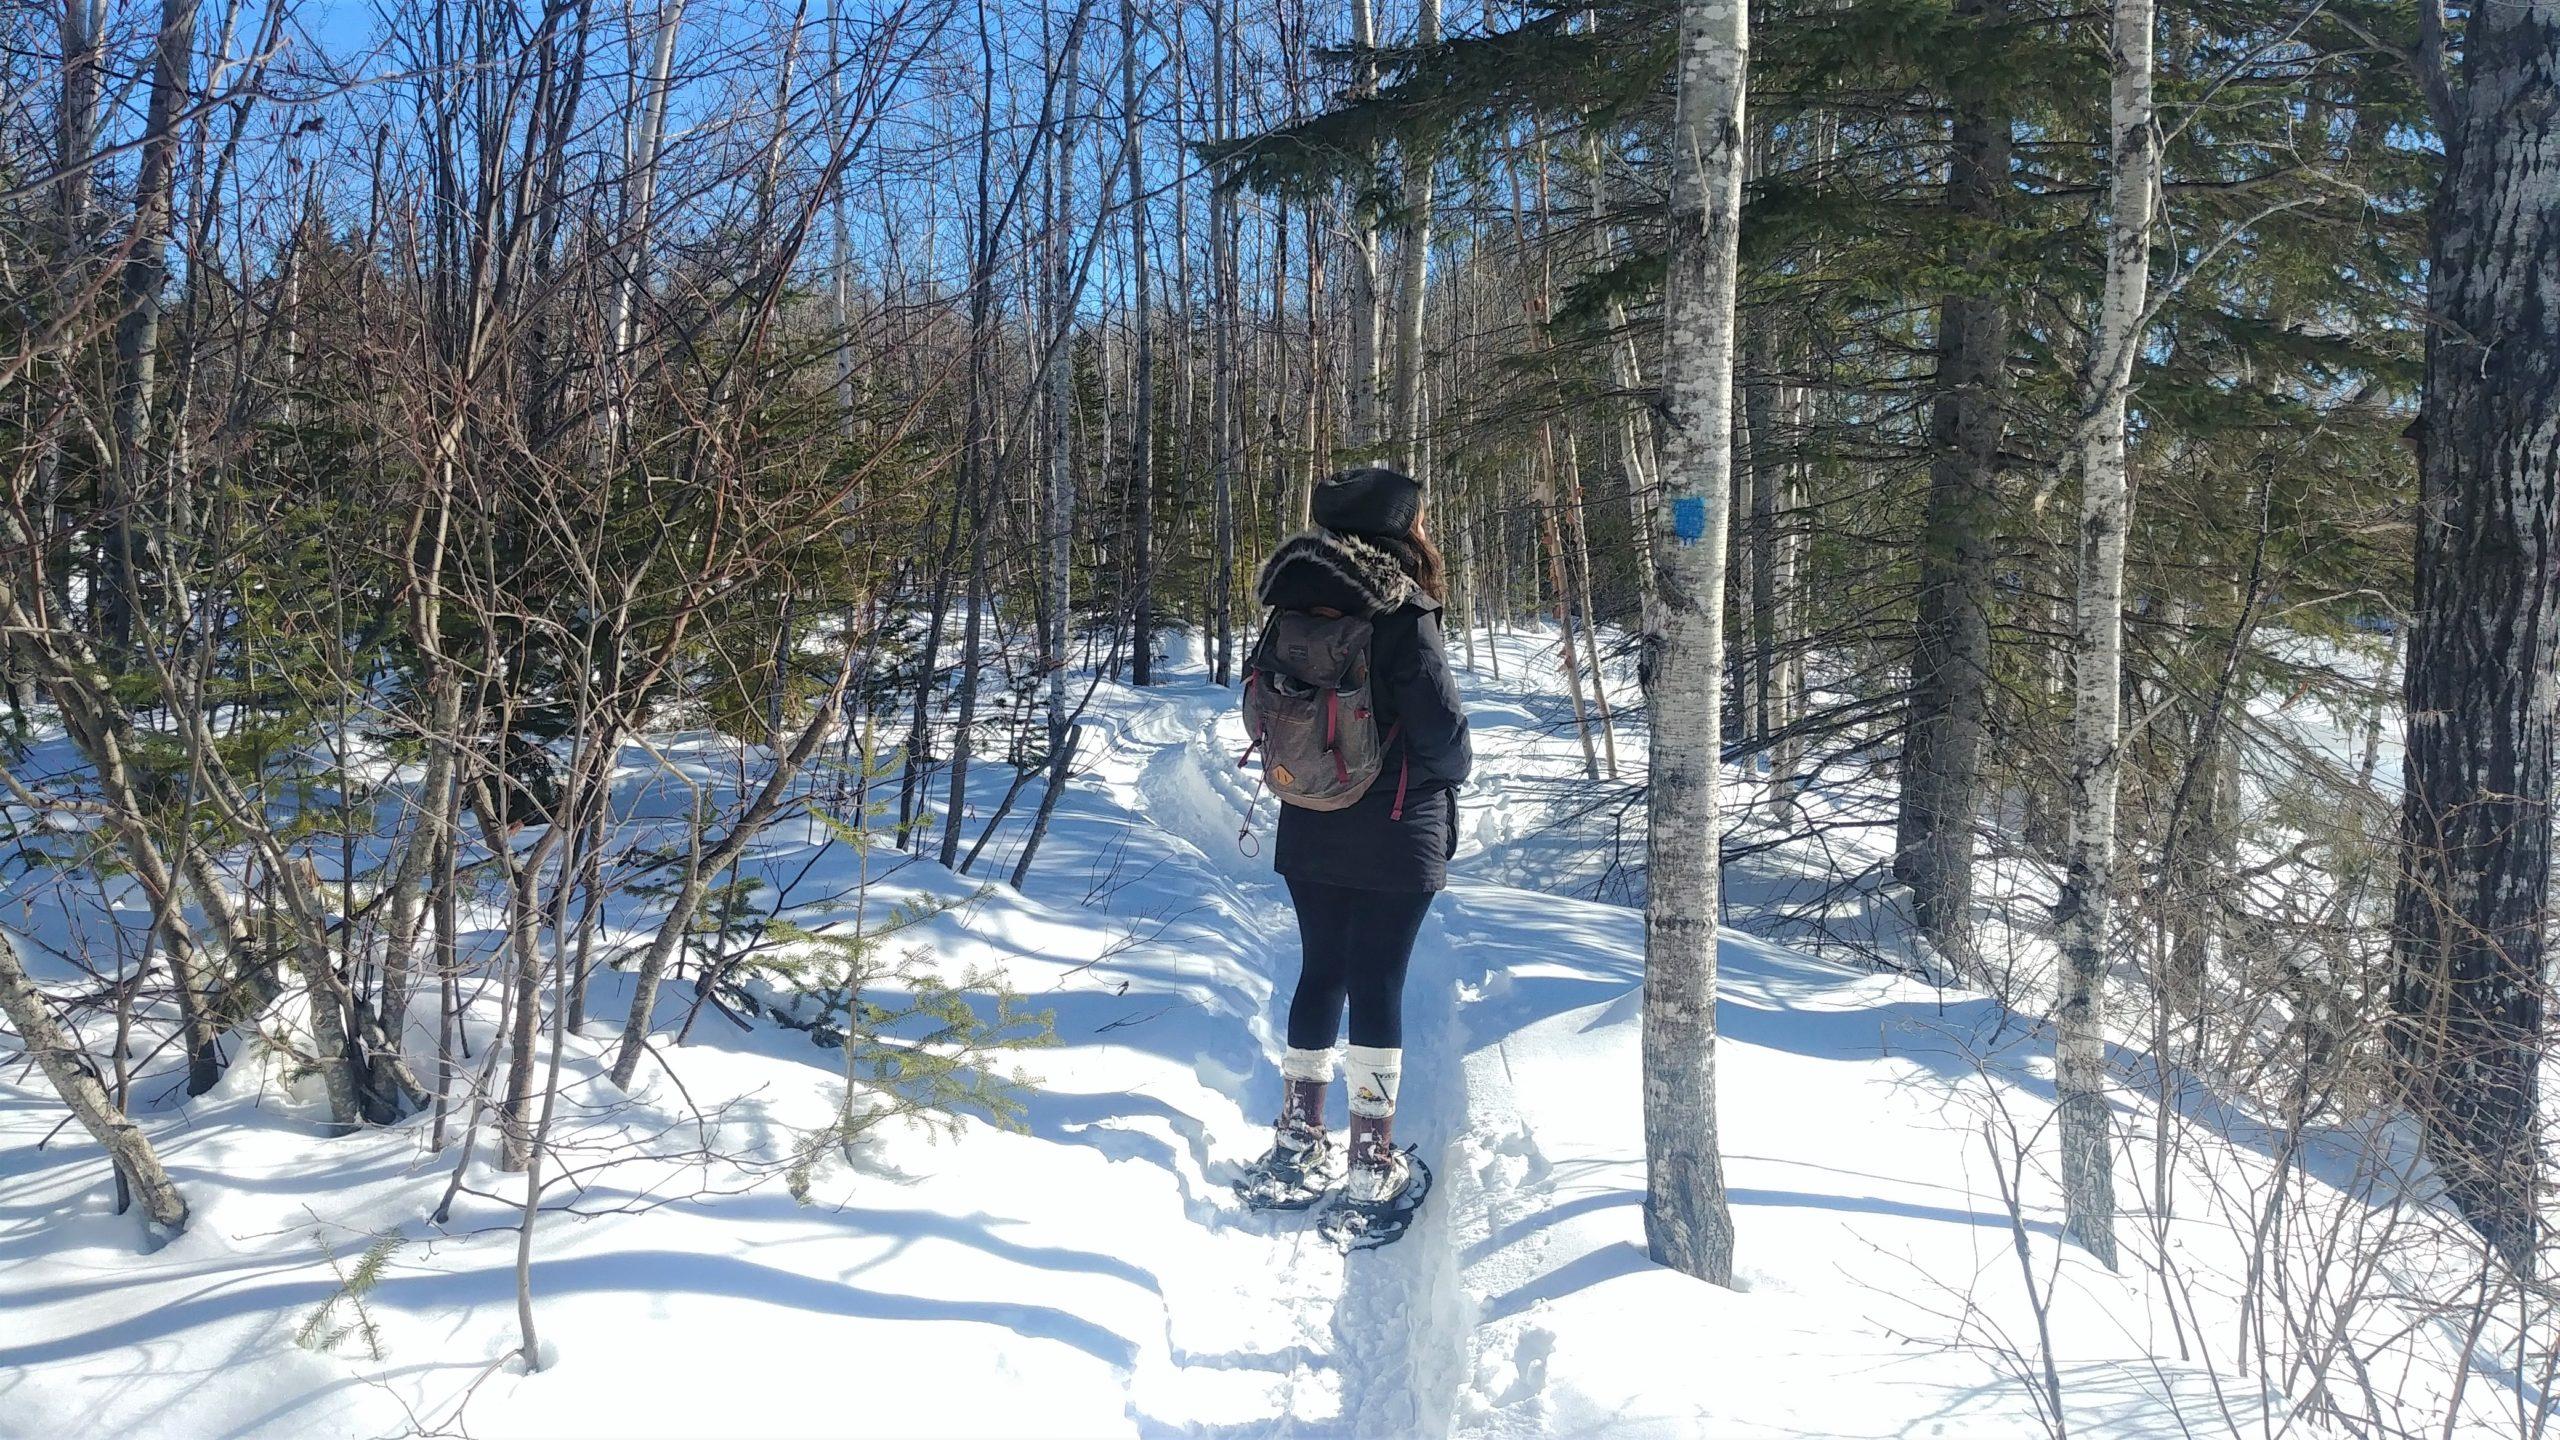 Région Chaleur randonnée raquettes sentier Nepisiguit Migmaq Nouveau-Brunswick